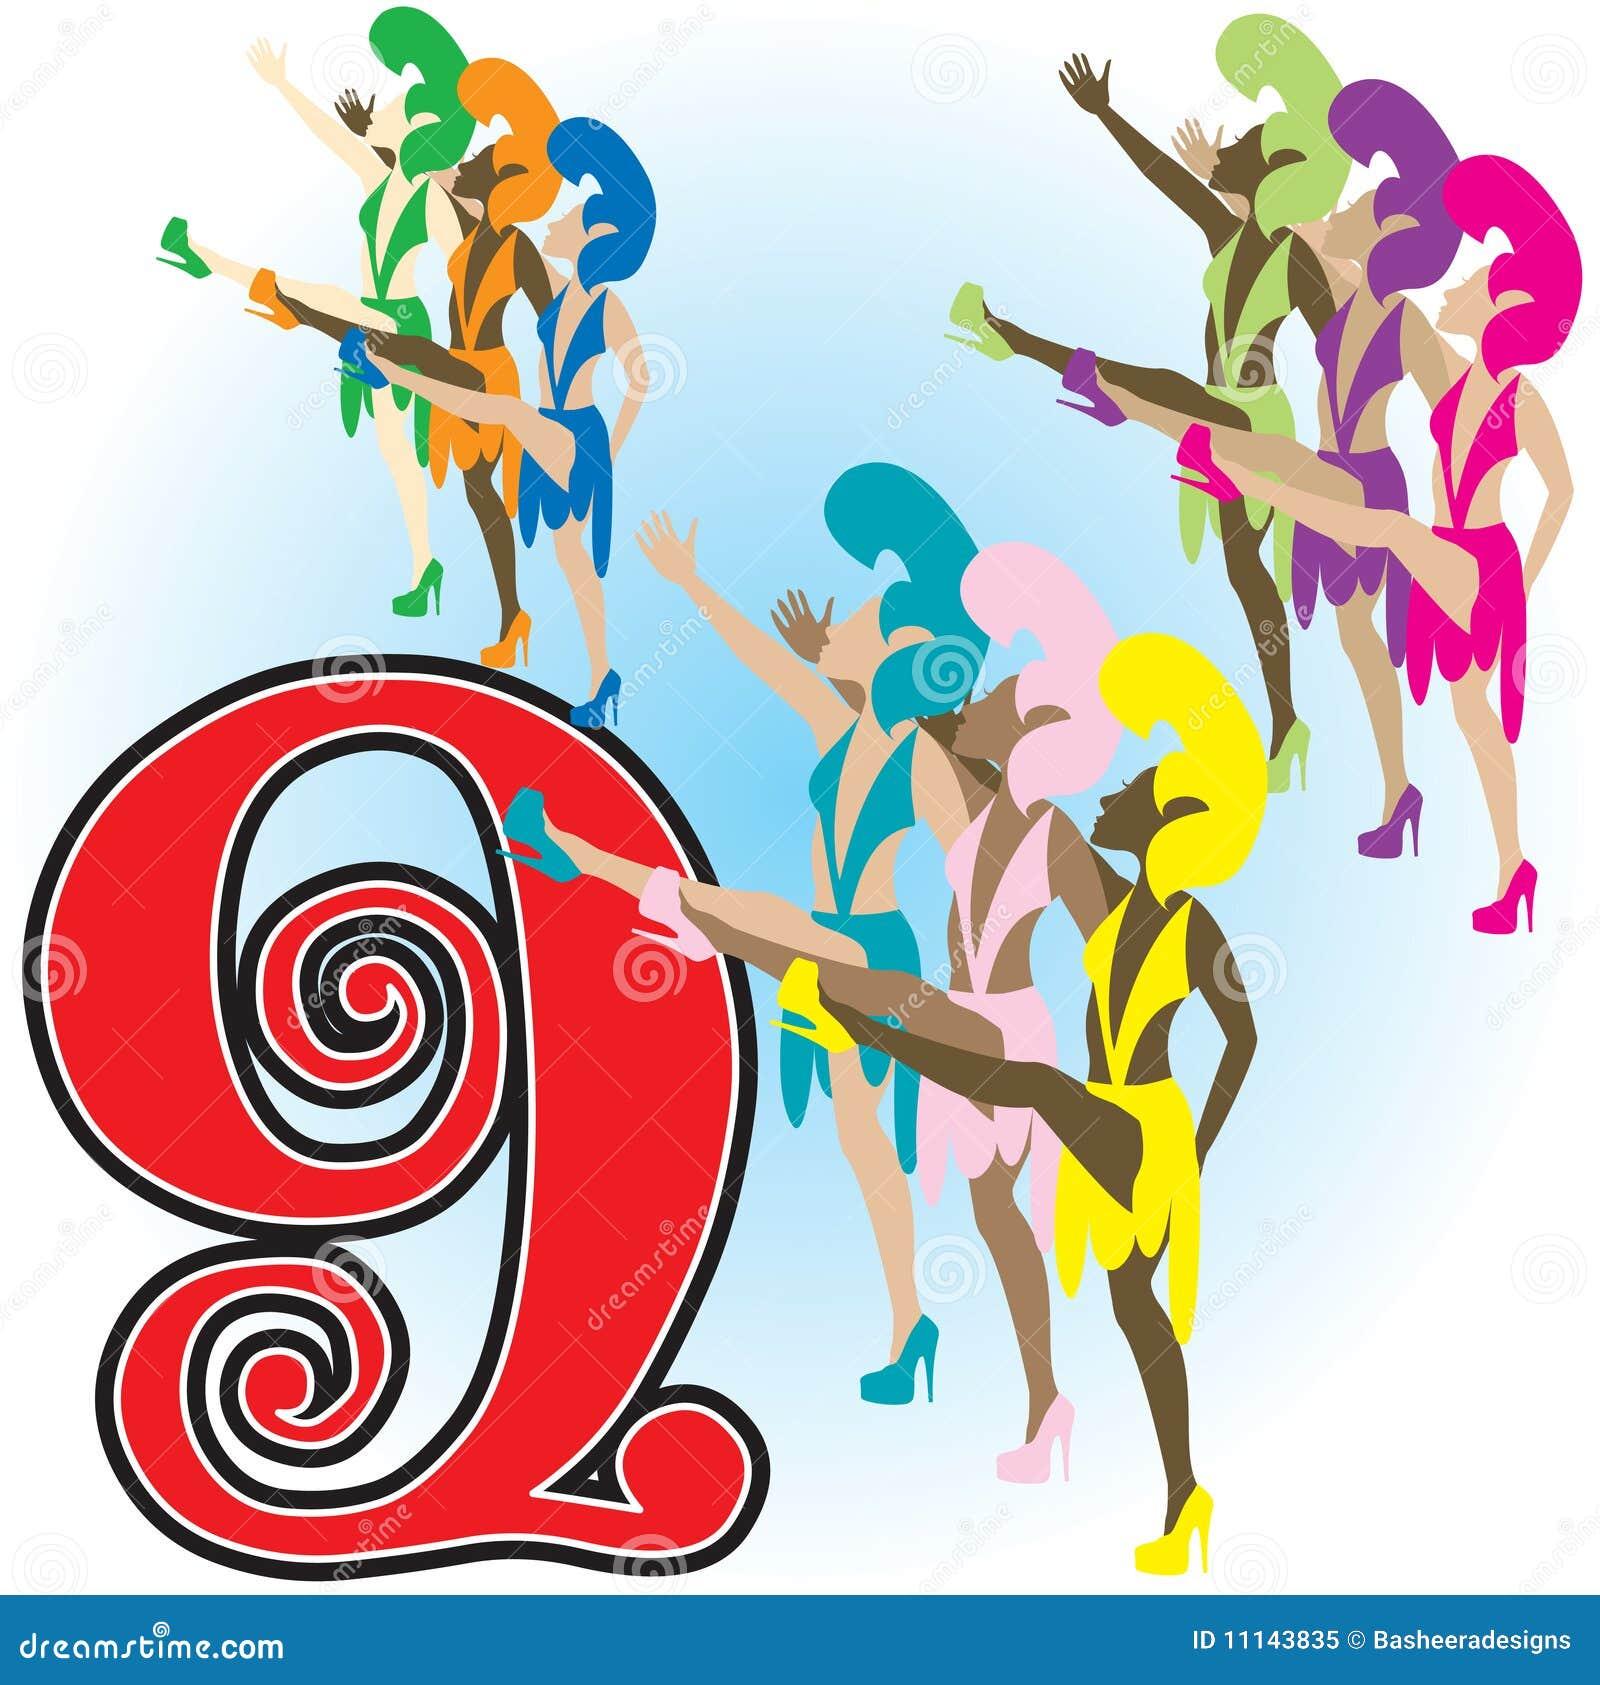 9 ladies dancing royalty free stock photo image 11143835 12 days of christmas clipart free 12 days of christmas clipart free